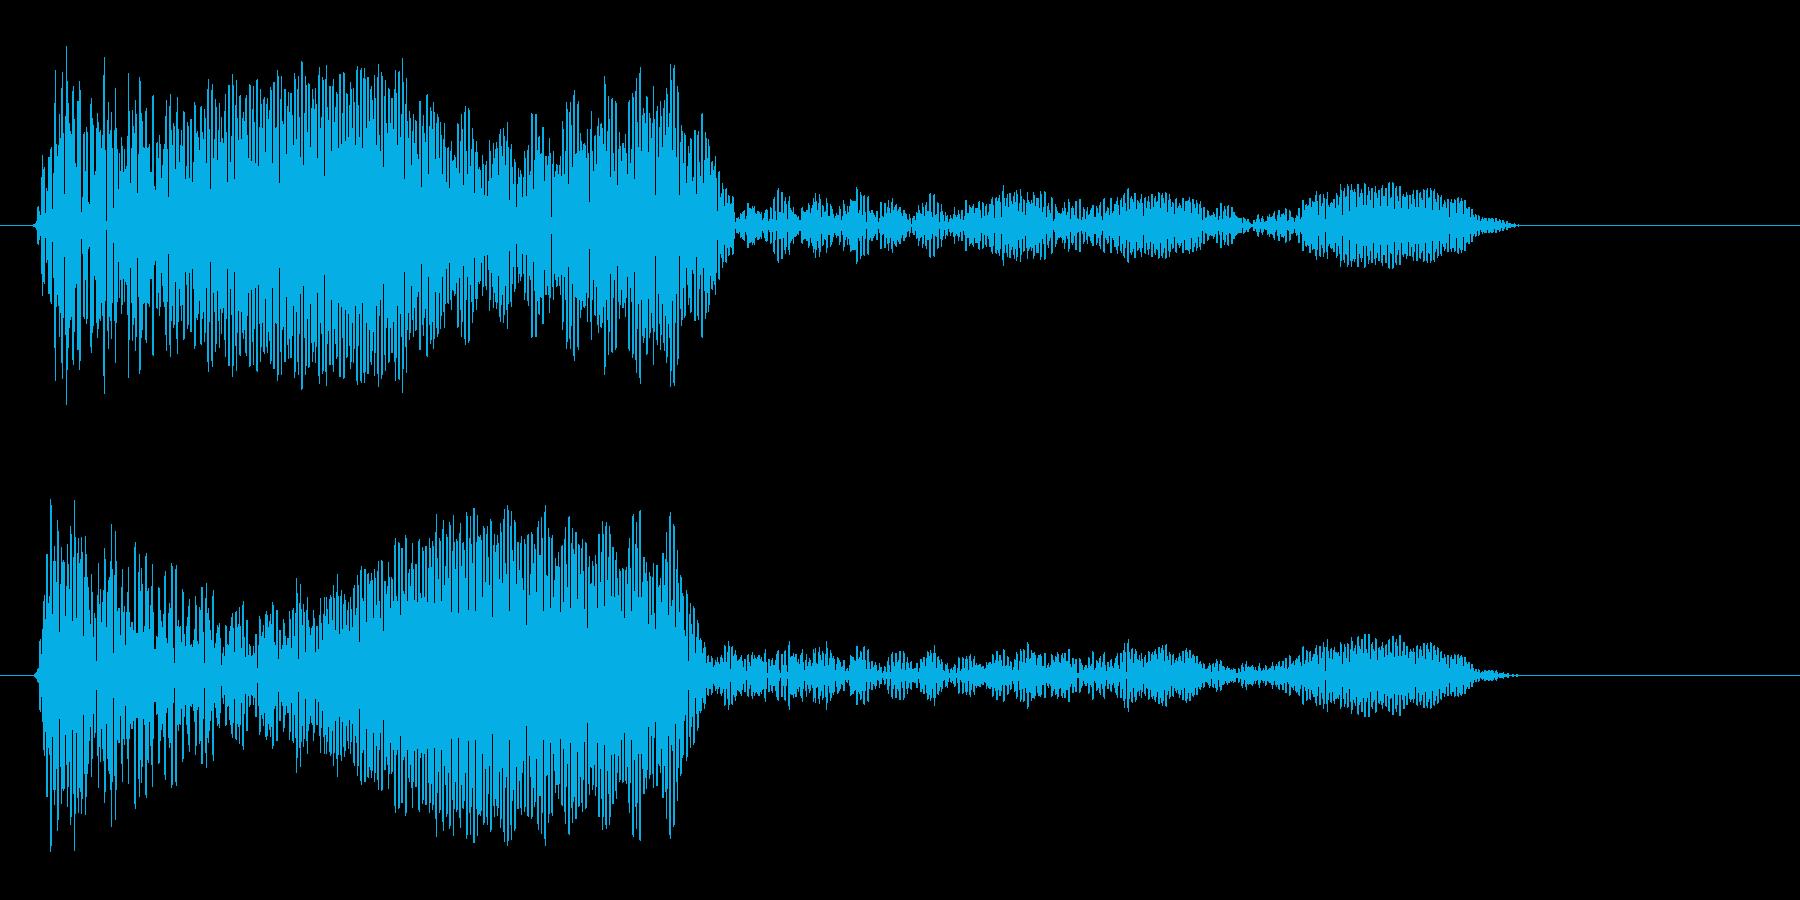 ブンッ (未来を感じさせる決定音)の再生済みの波形